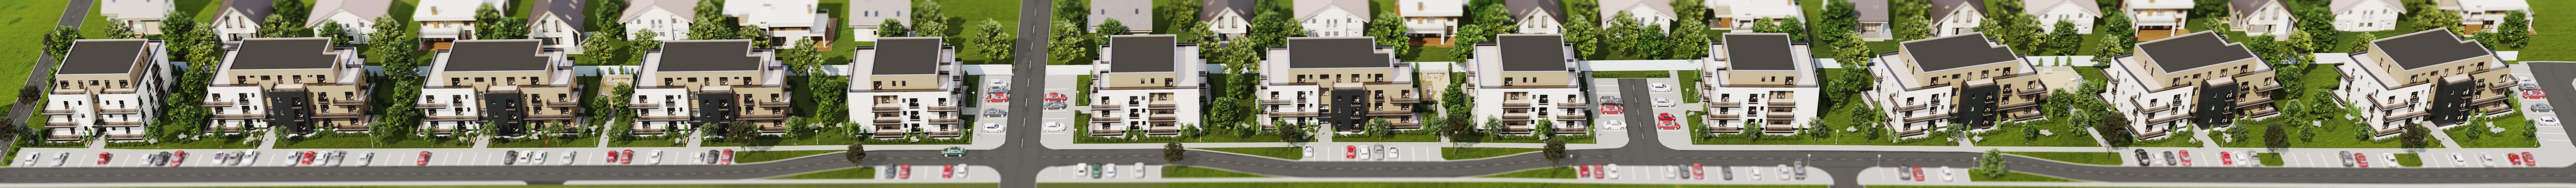 Unirii Park Residence II